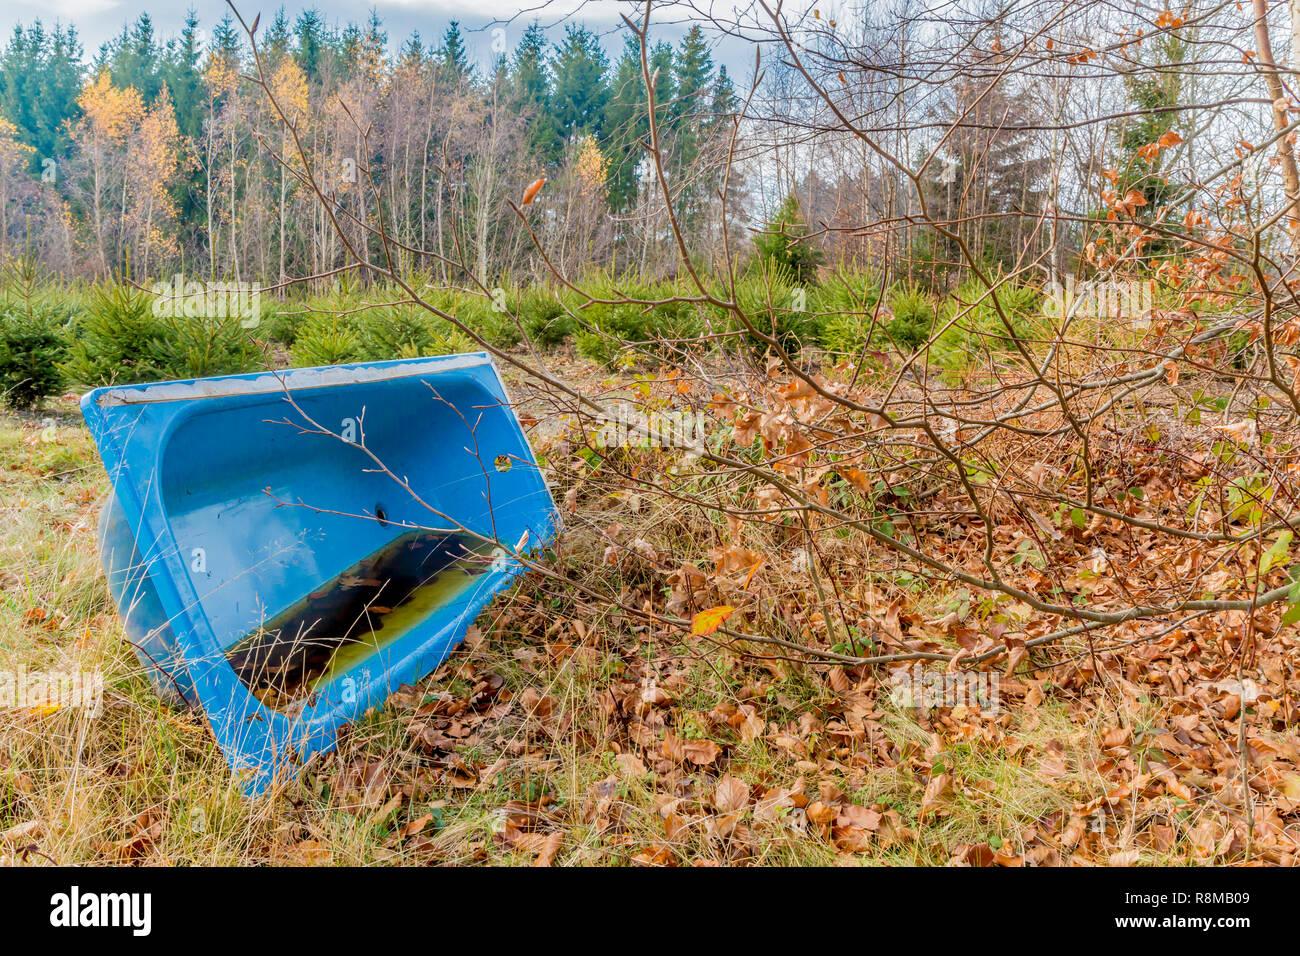 Que Faire Avec Une Vieille Baignoire image d'une vieille baignoire bleu posé sur une prairie avec de l